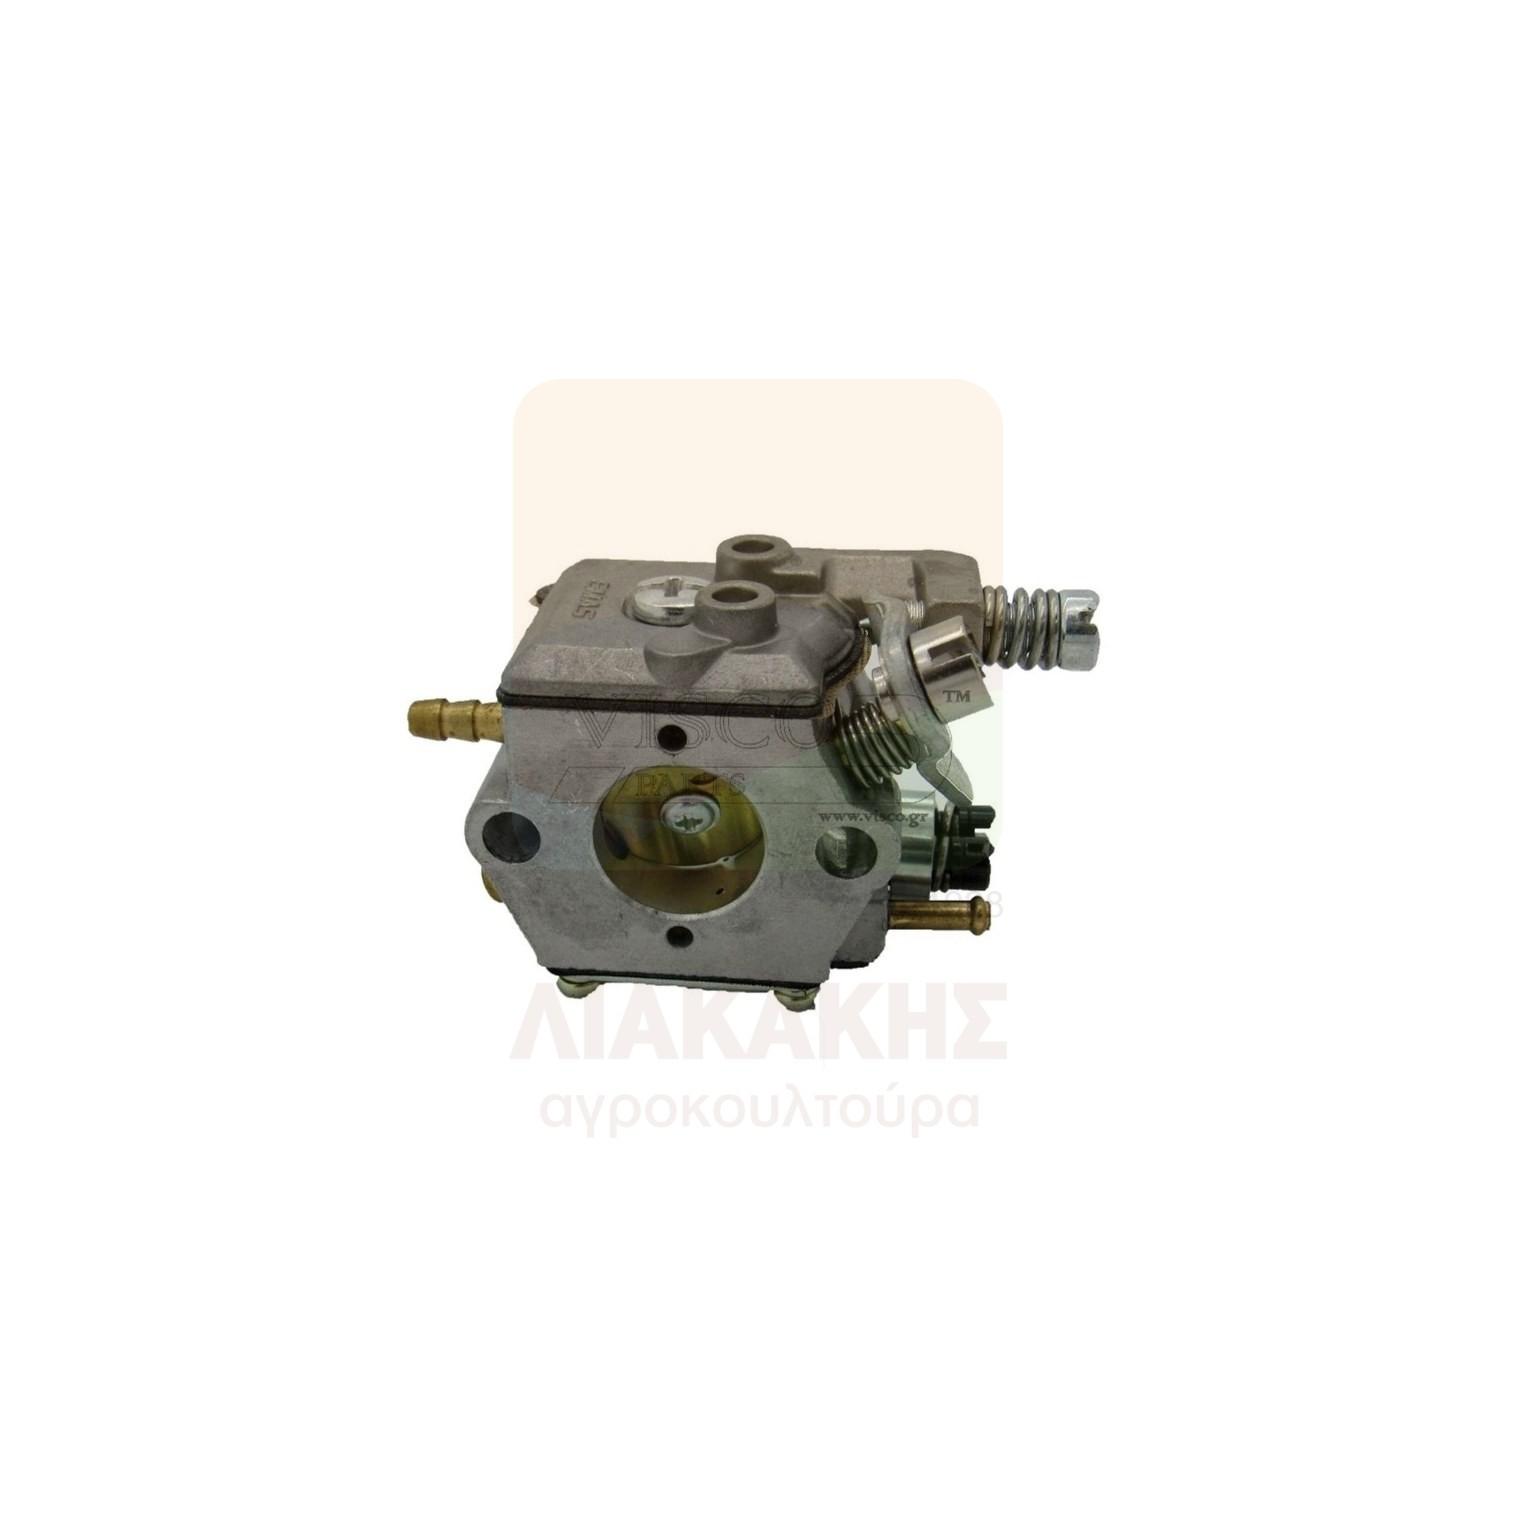 ΚΑΡ-041 Καρμπυρατέρ OLEOMAC SPARTA 37-42- EFCO STARK 37-42 (W)